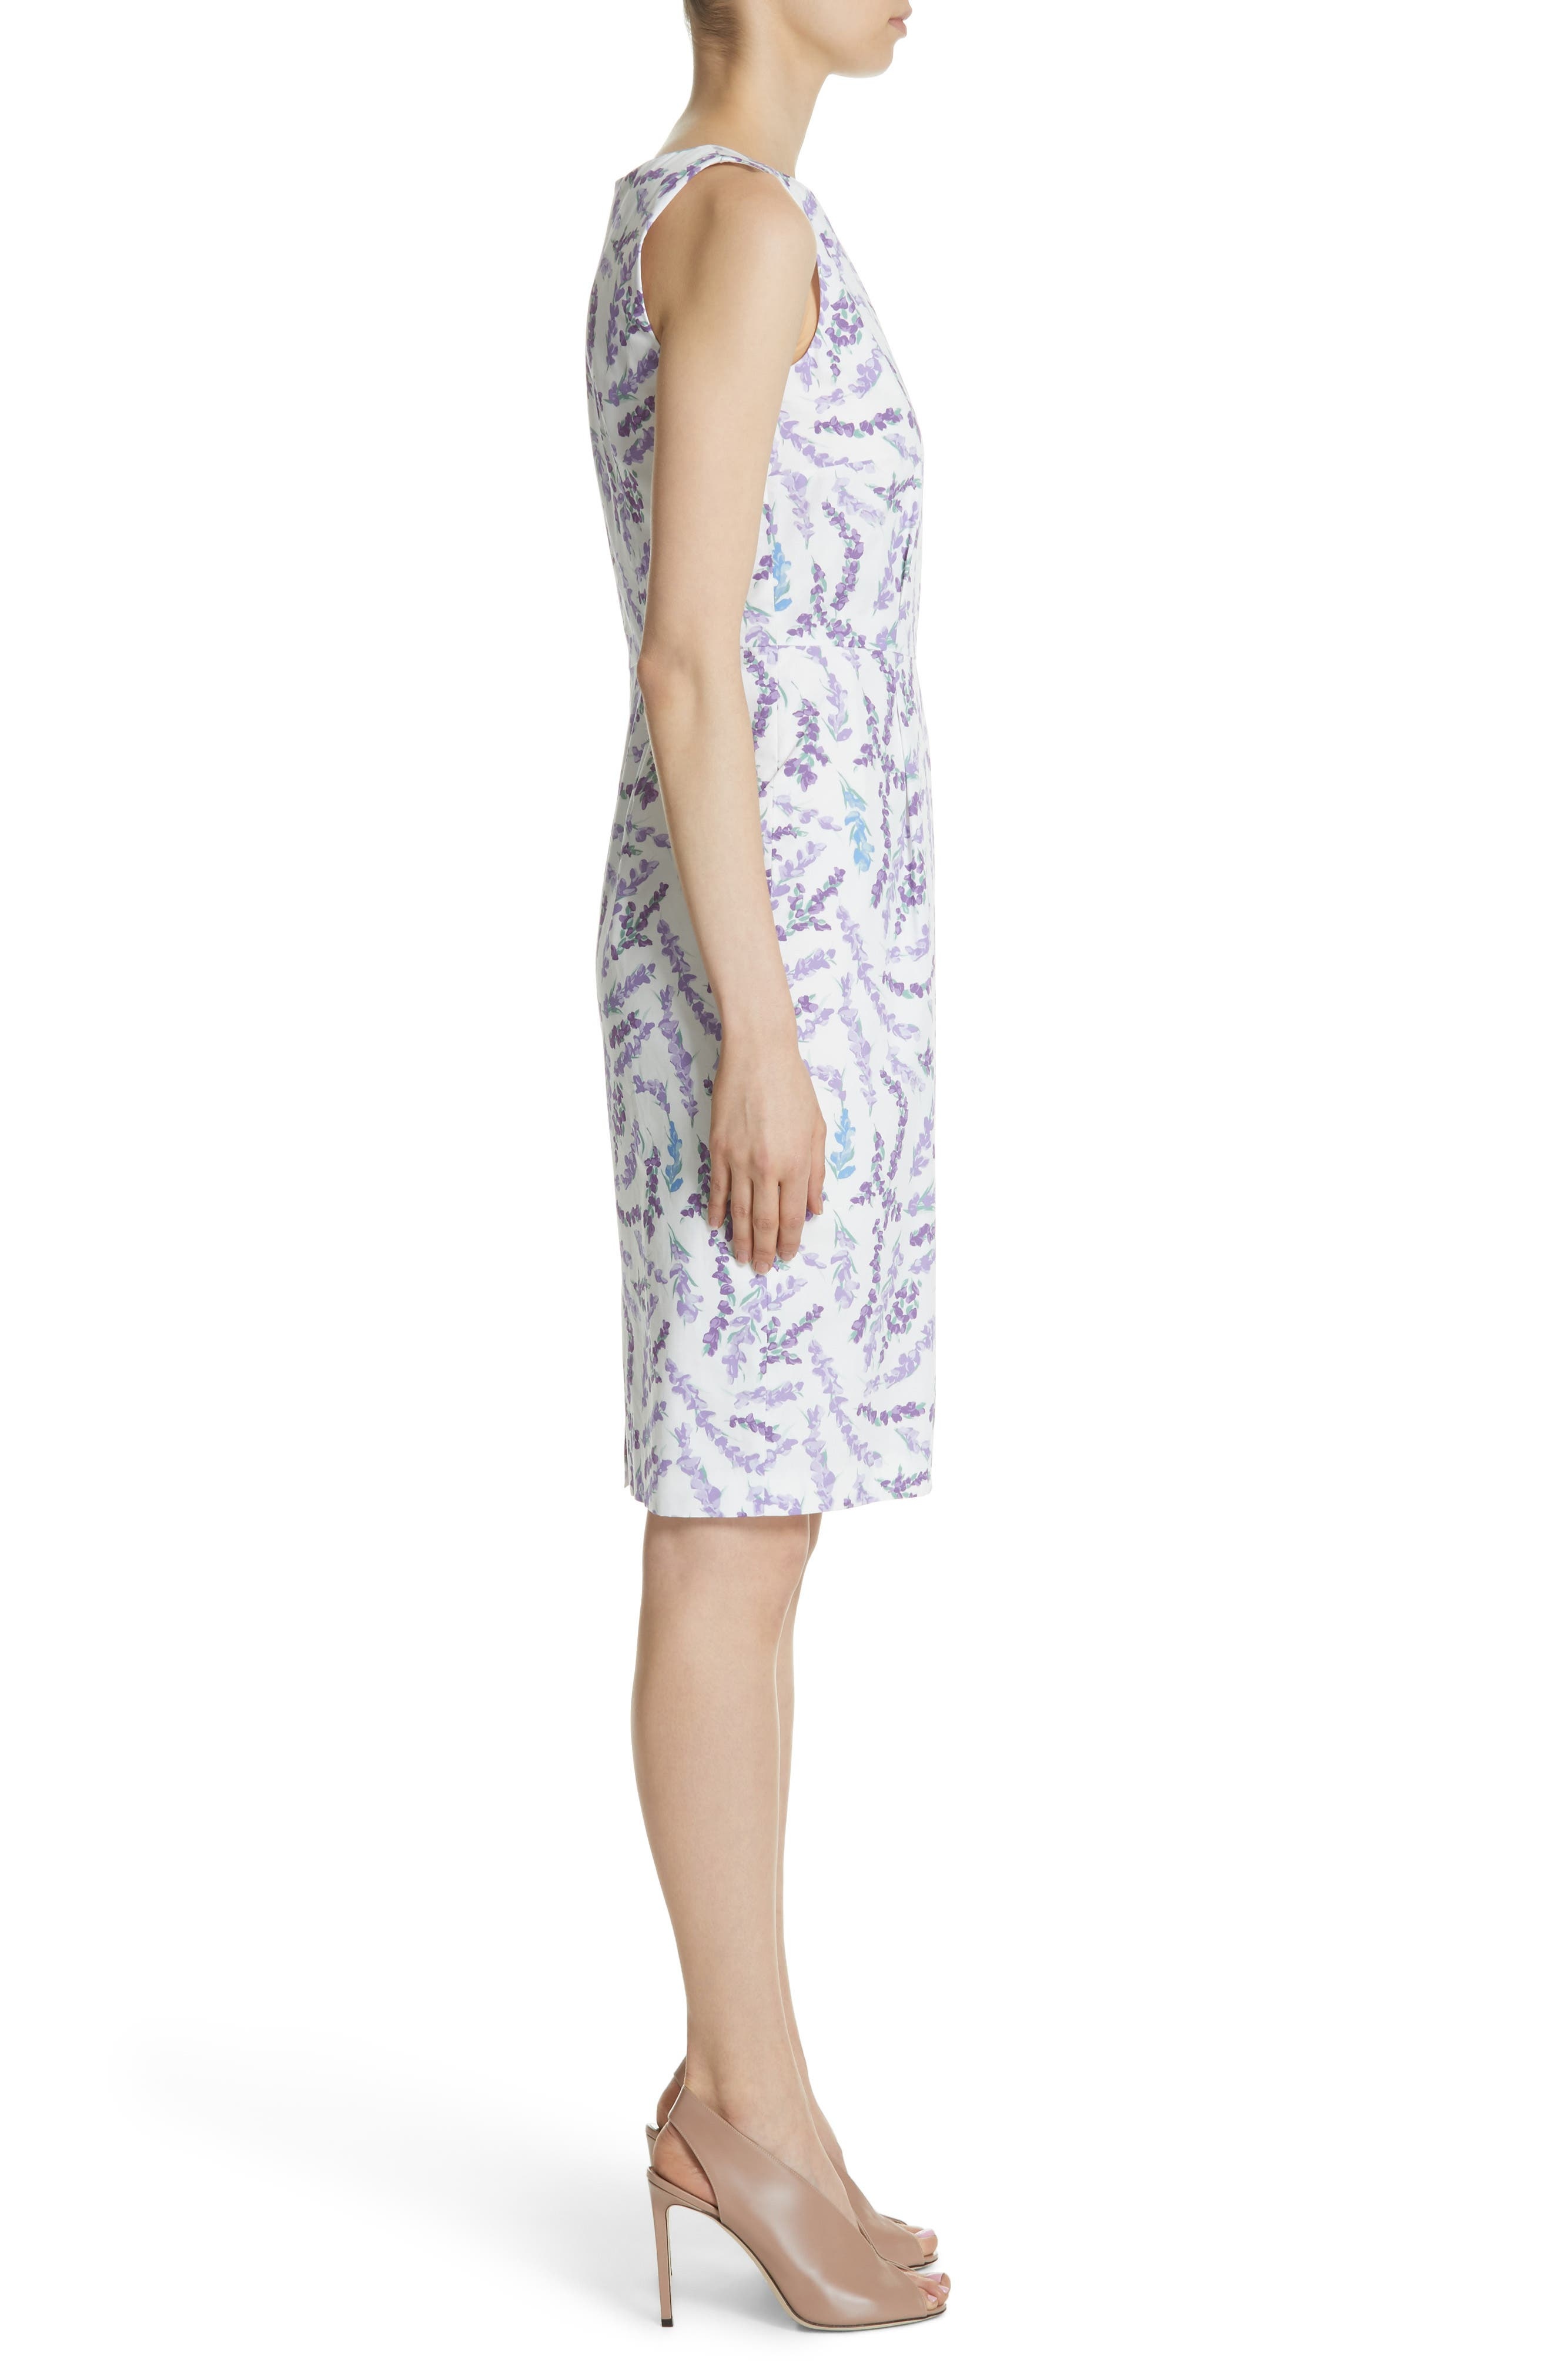 Melfi Print Cotton Sheath Dress,                             Alternate thumbnail 3, color,                             531